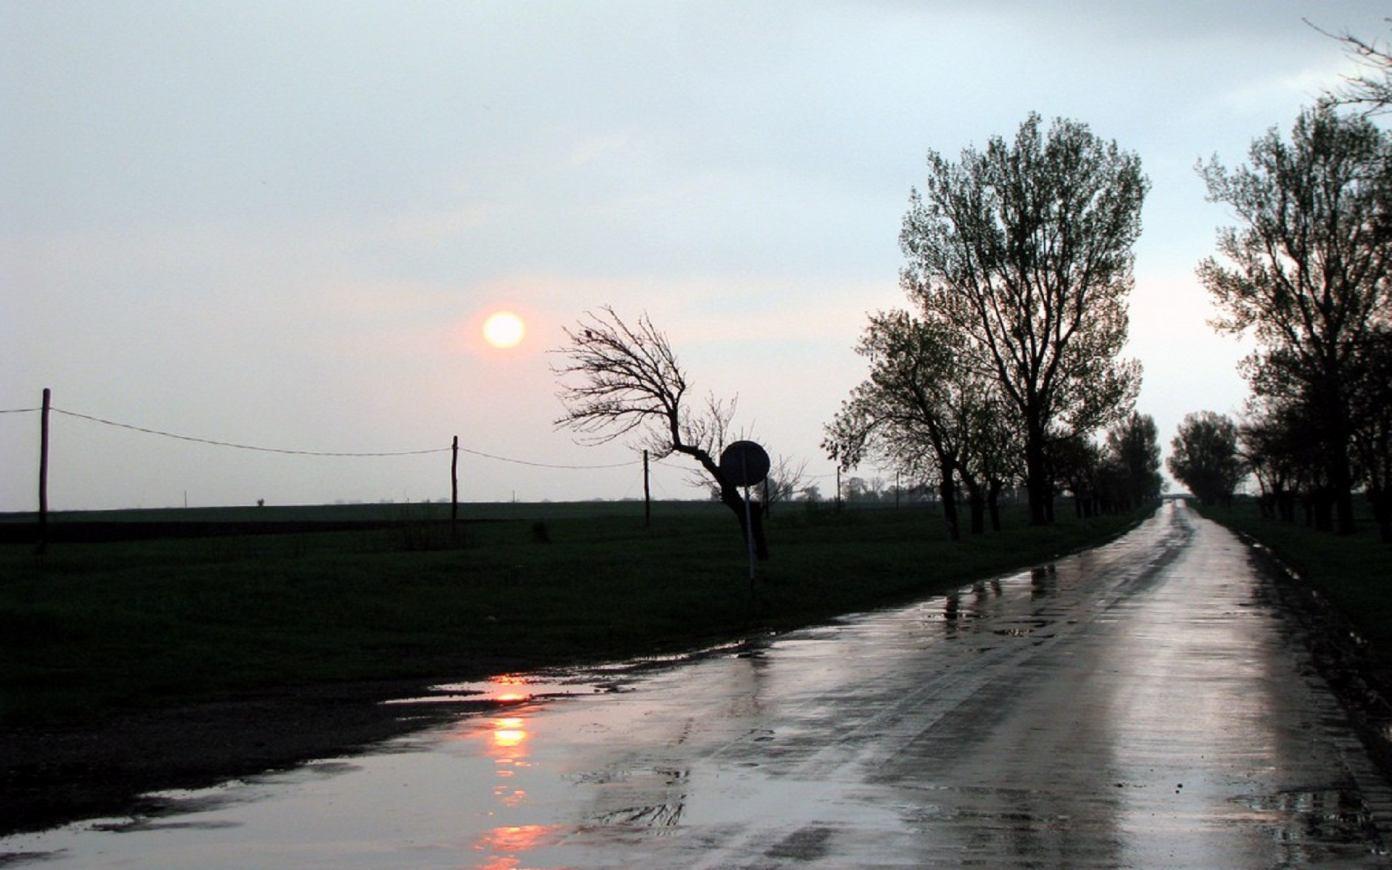 ... gambar suasana hujan lengkap koleksi gambar suasana hujan paling